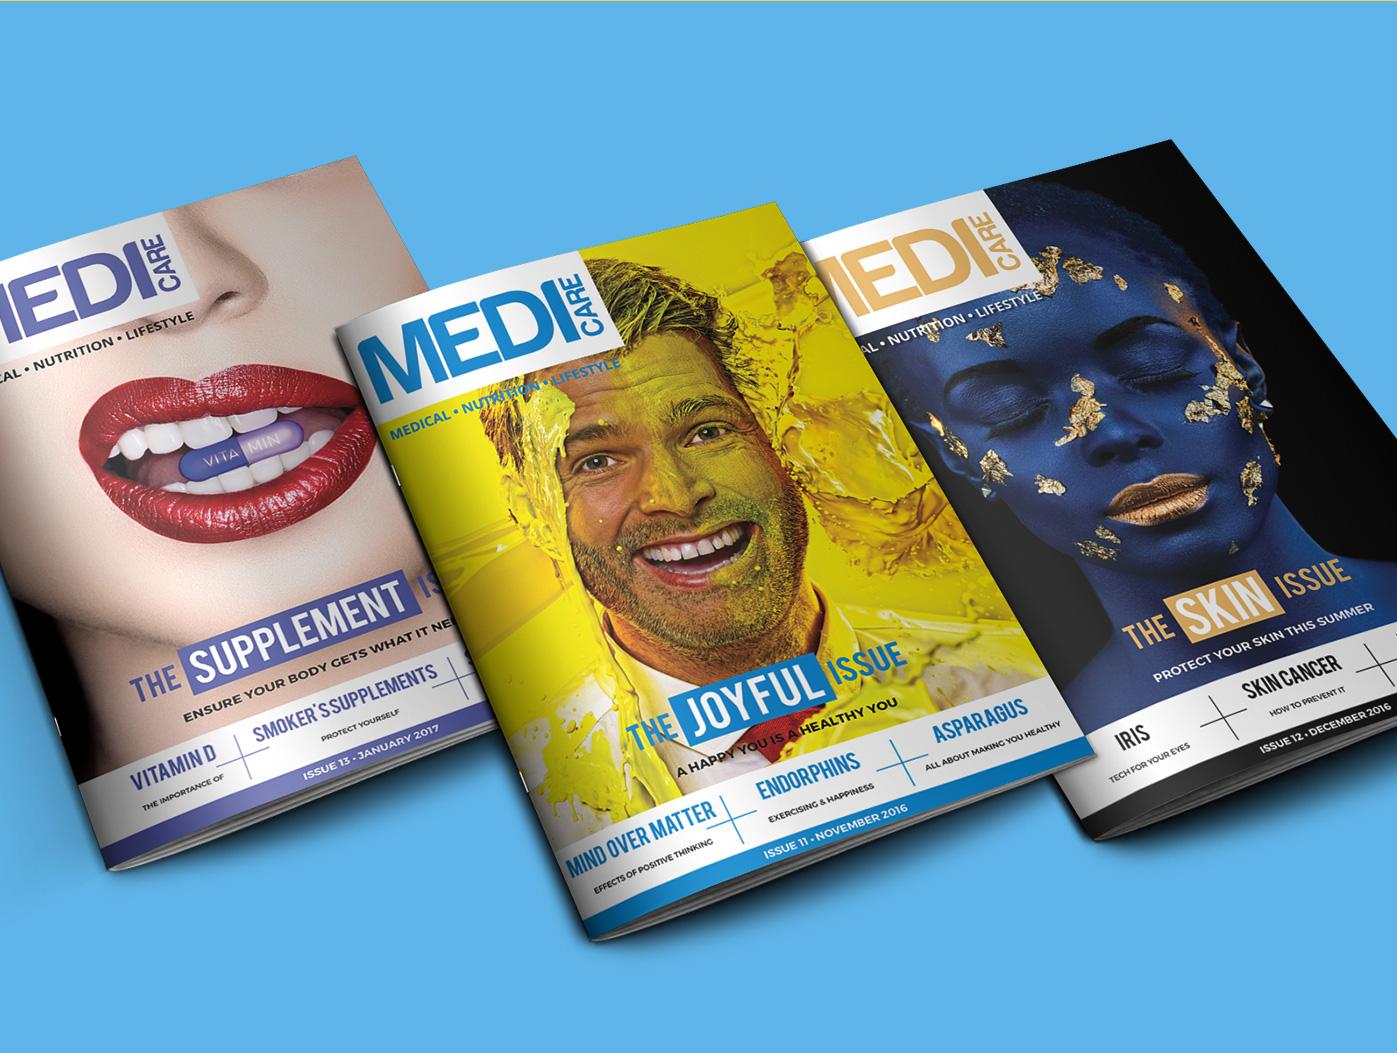 medicare-magazine-case-study-cover-design-graphic-design-agent-orange-design.jpg